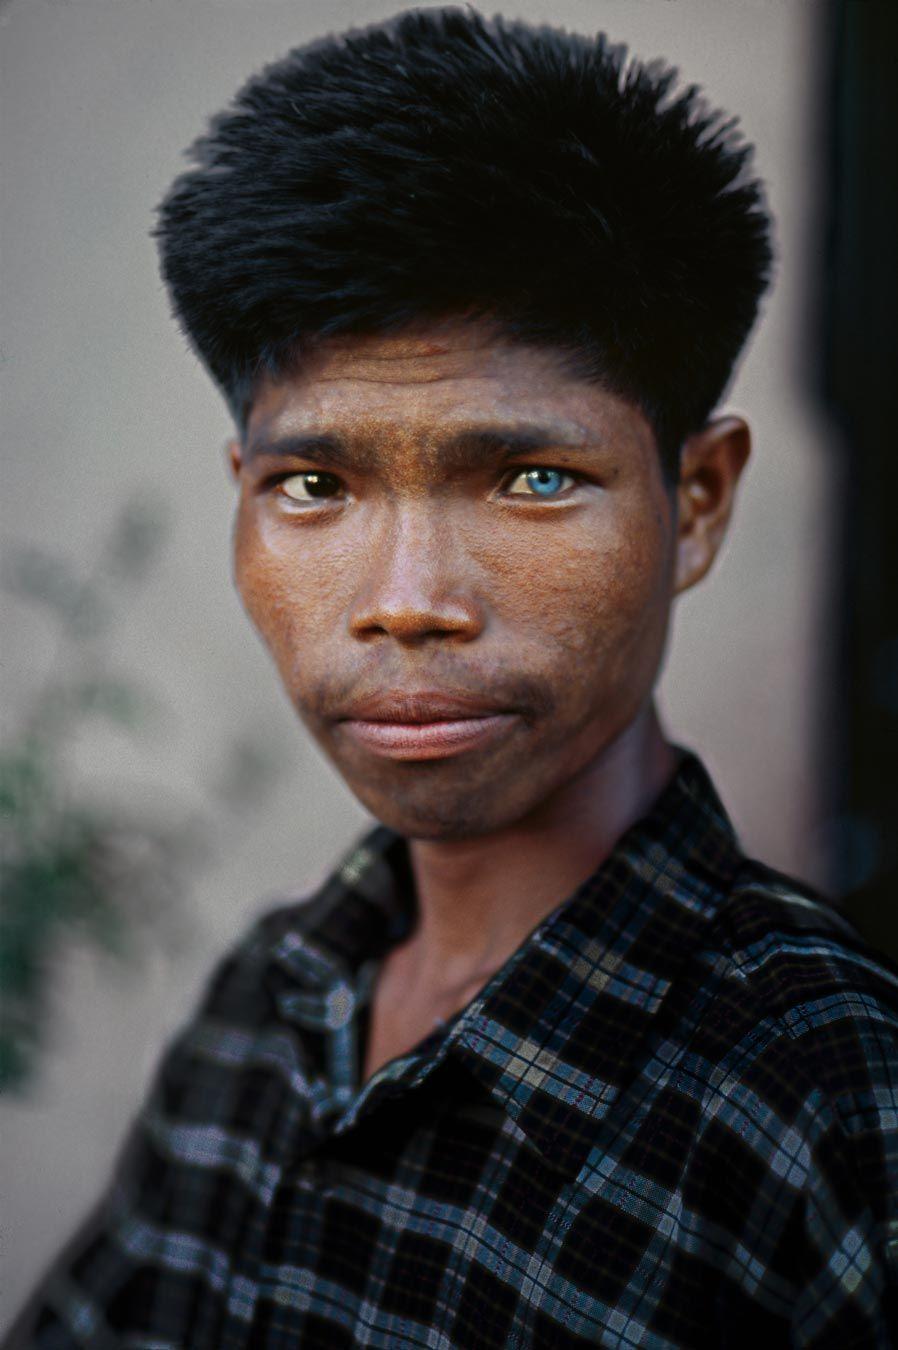 Asian Man Blue Eye Photo By Steve Mccurry Steve Mccurry